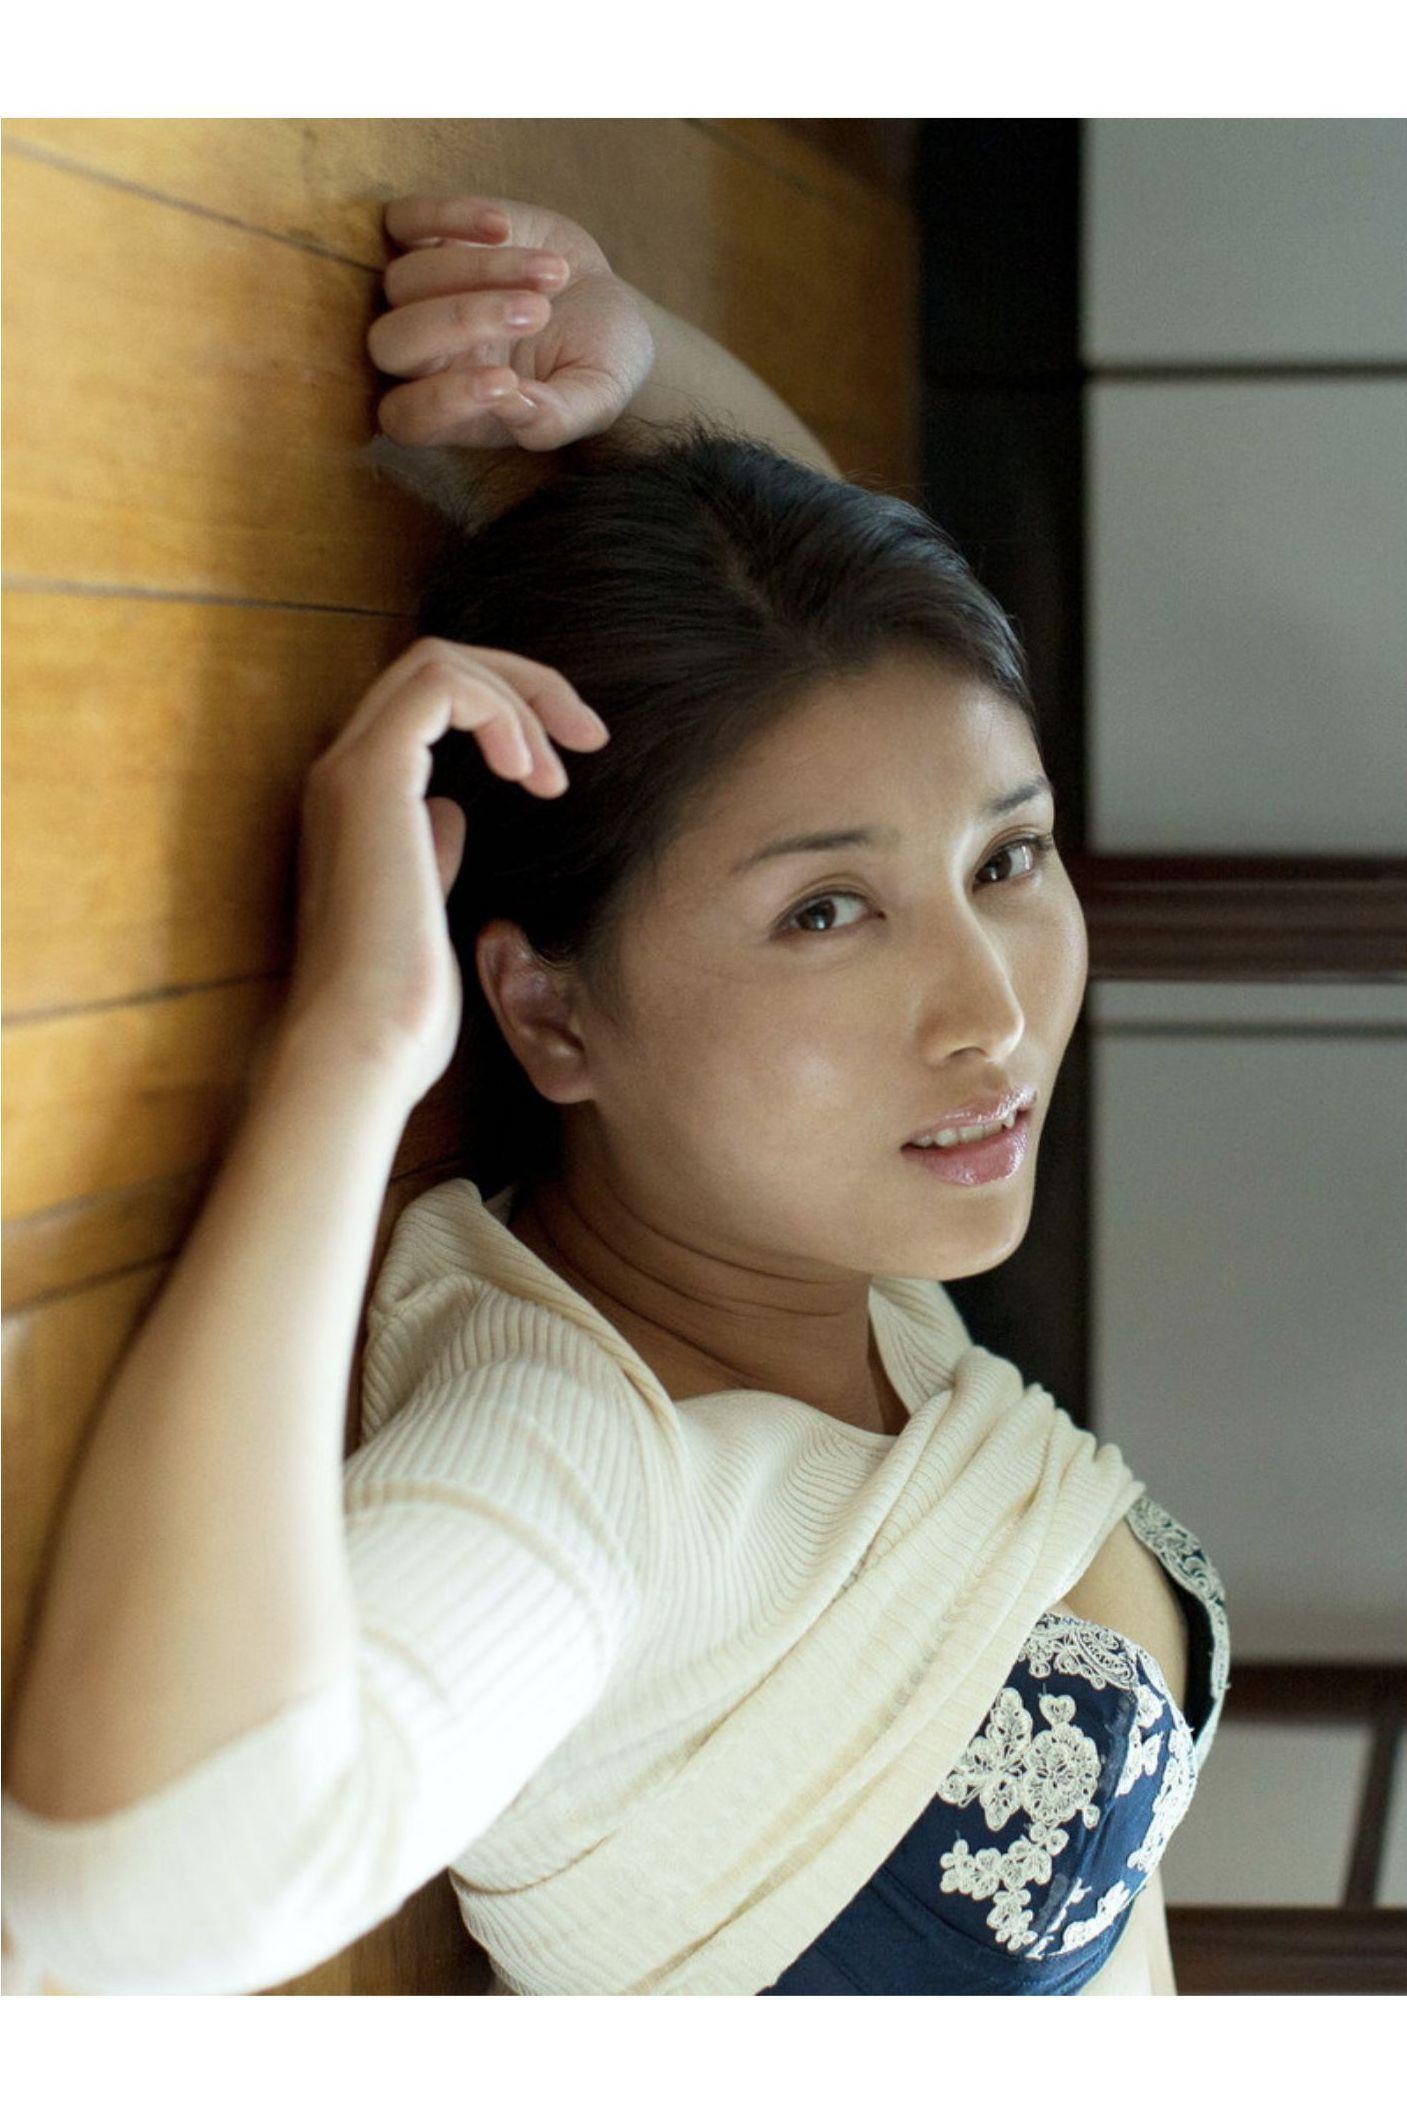 『愛の記憶』橋本マナミ デジタル写真集 010